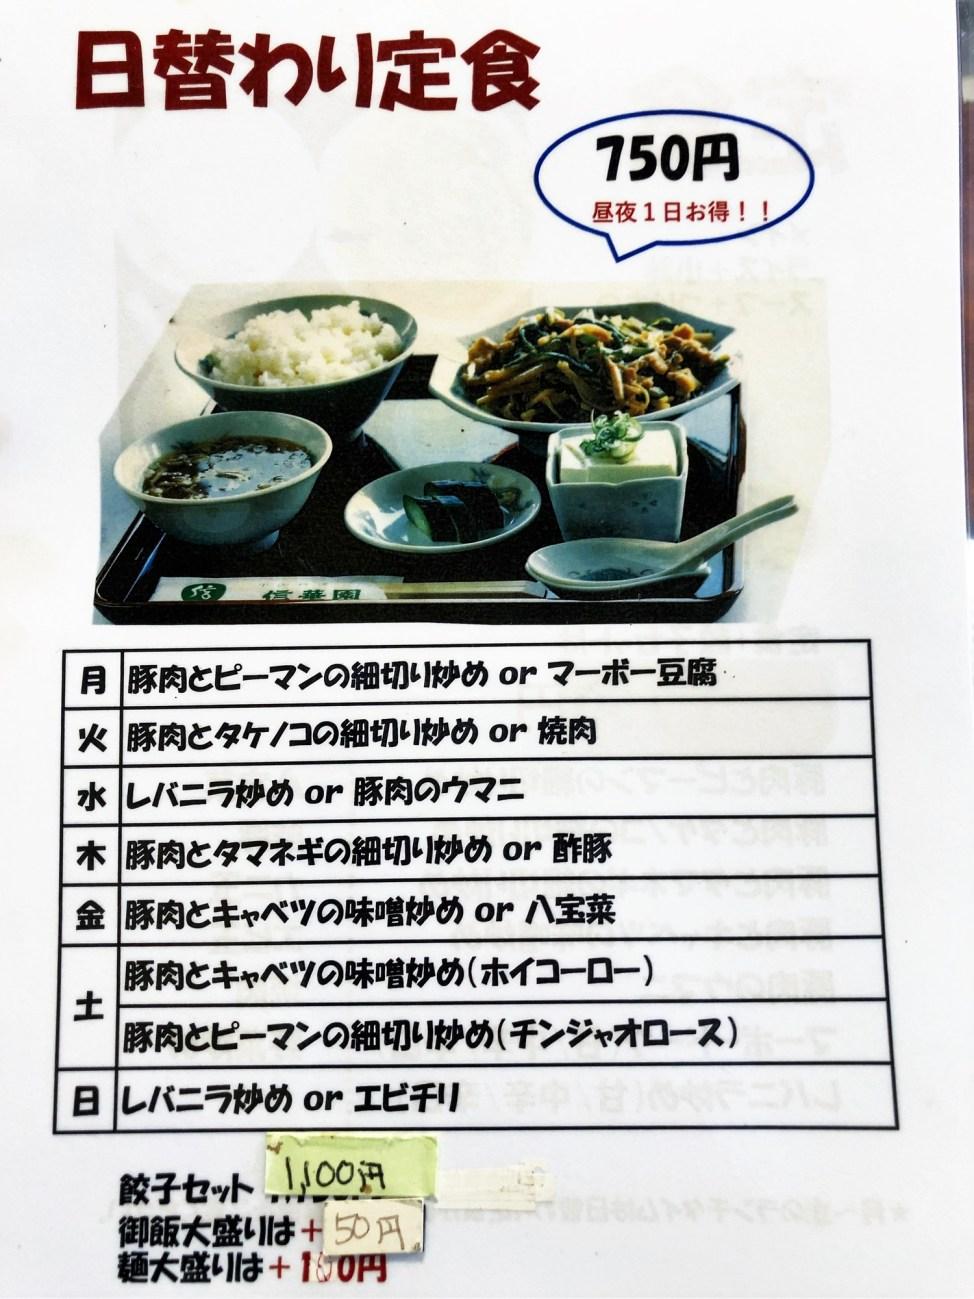 中華料理 信華園のメニュー5